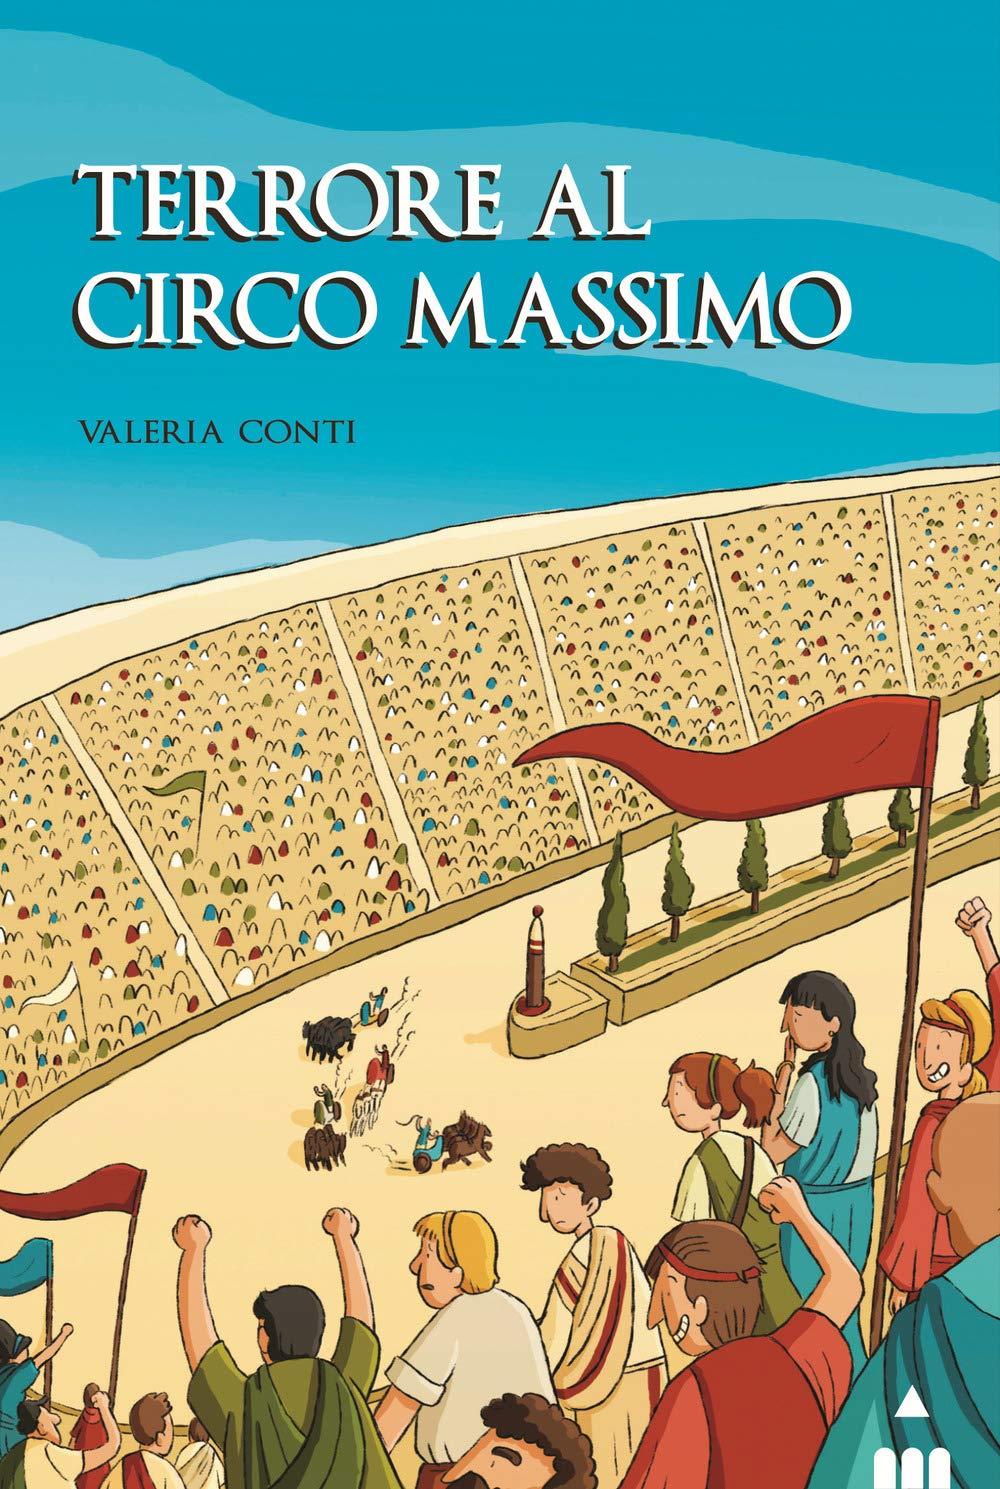 Recensione di Terrore Al Circo Massimo – Valeria Conti